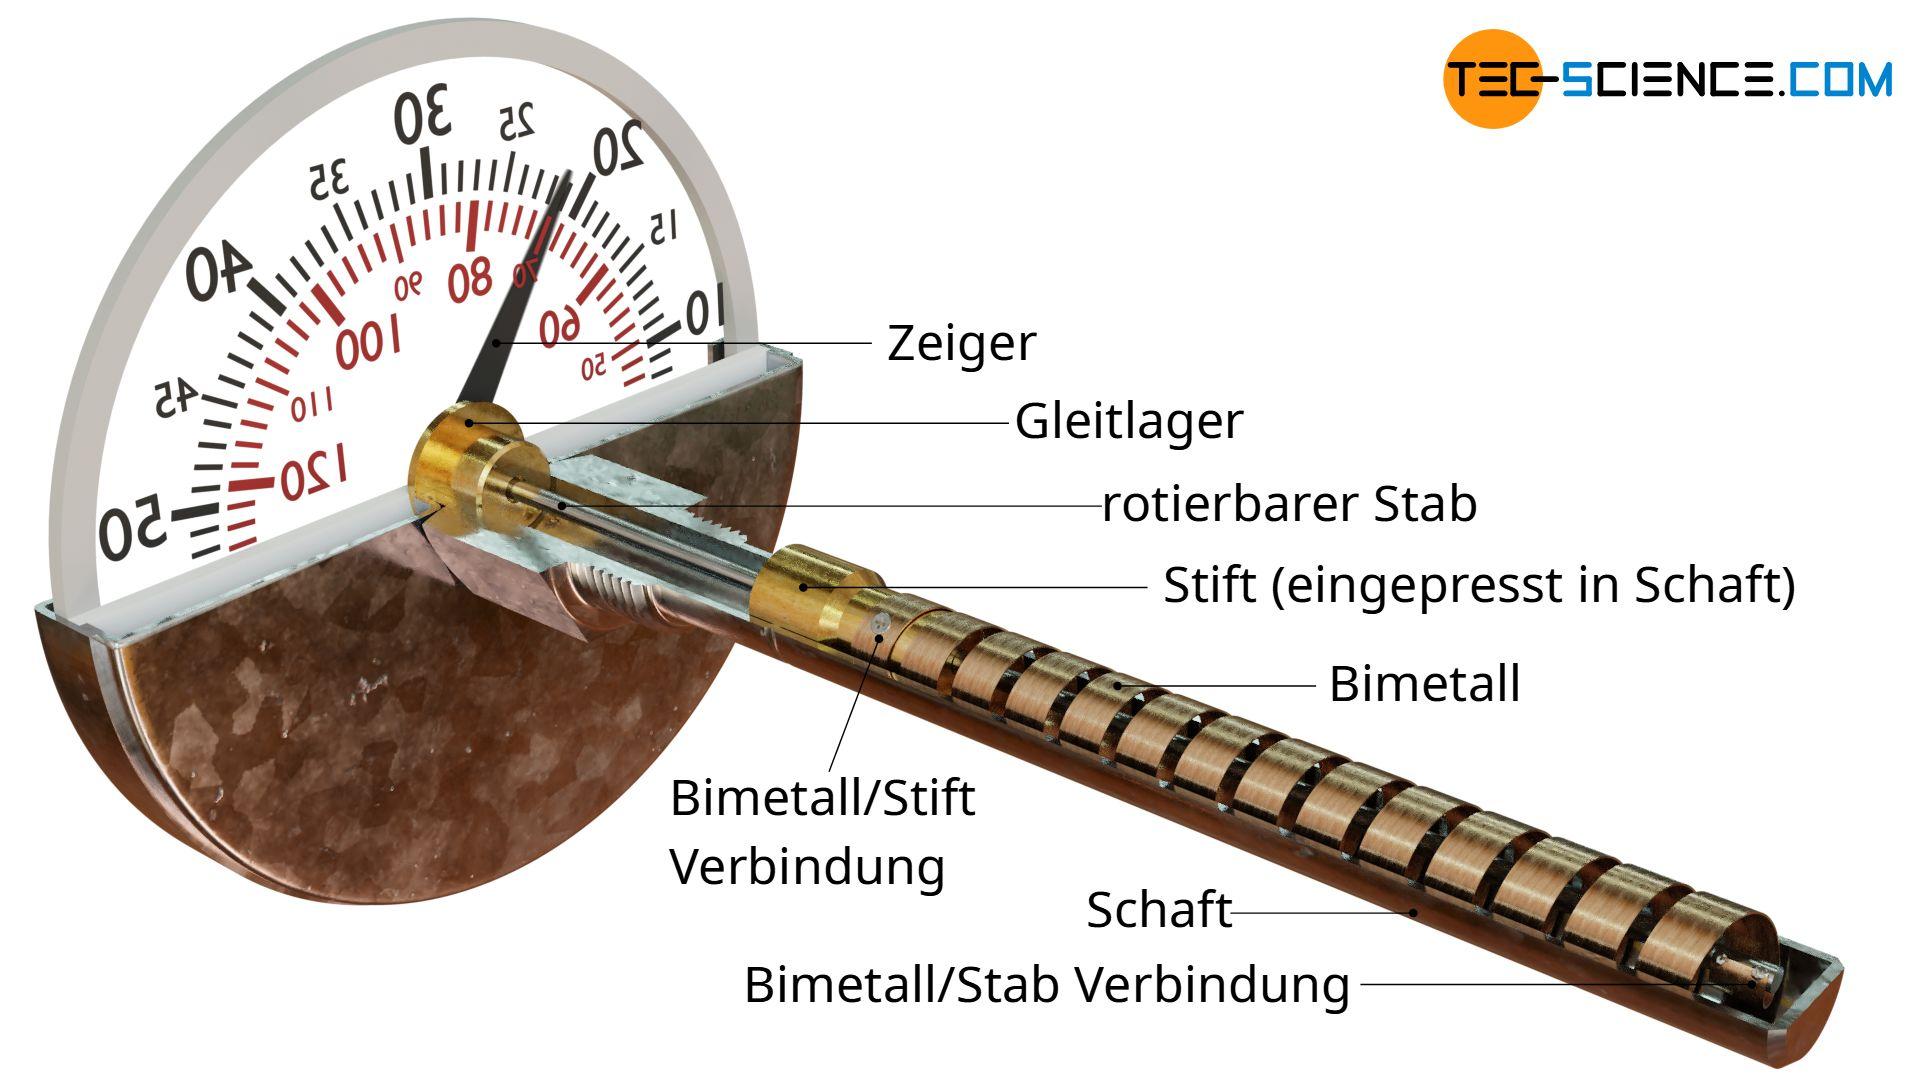 Aufbau eines Bimetallthermometers (schraubenform)